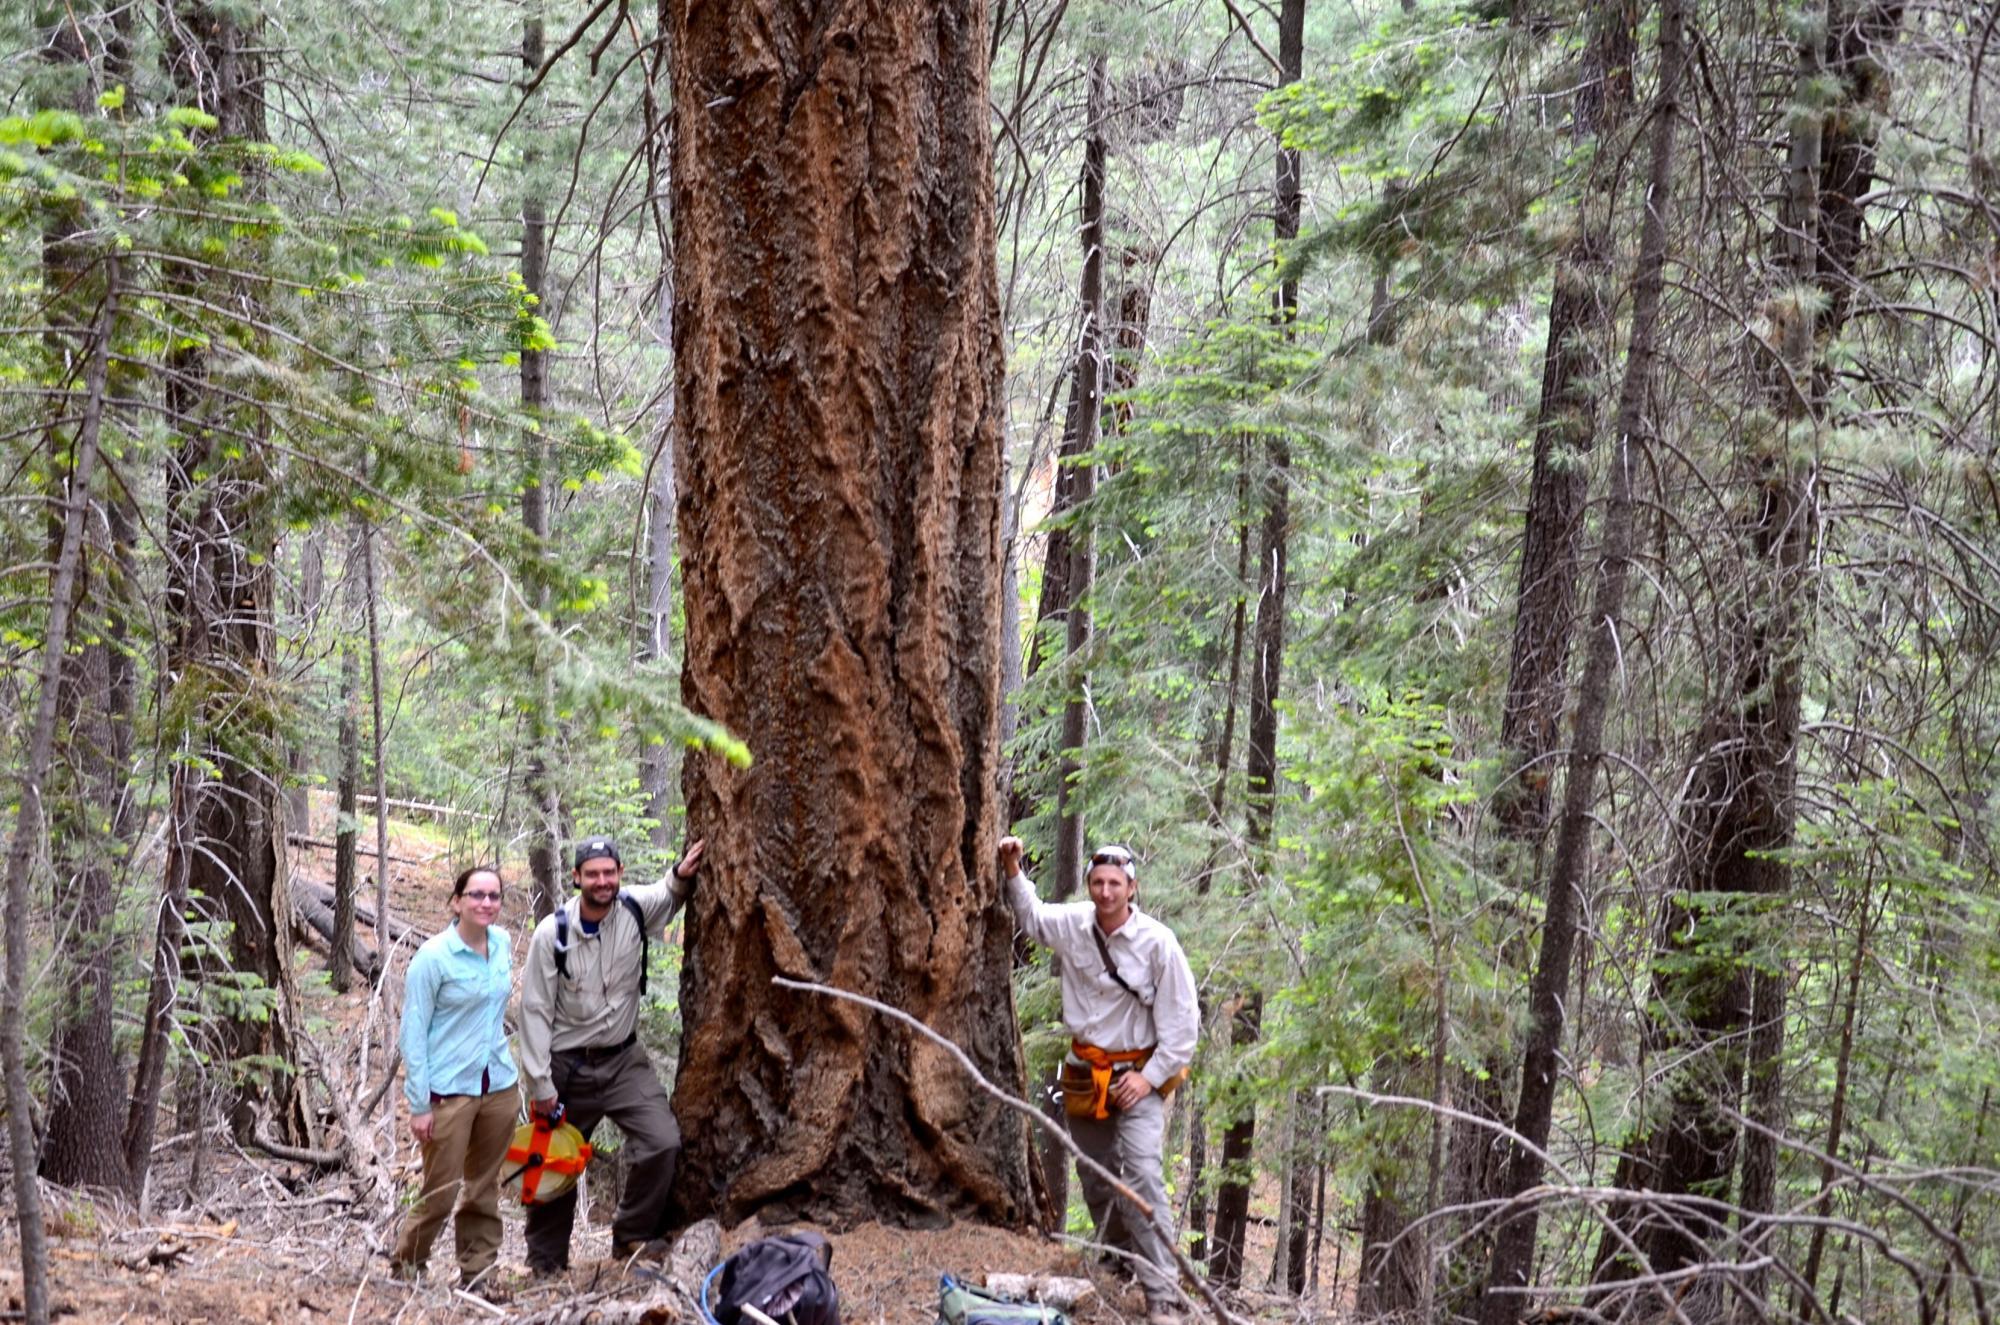 Vanessa Buzzard, Sean Michaletz and Brian Enquist collecting data on Mount Lemmon.